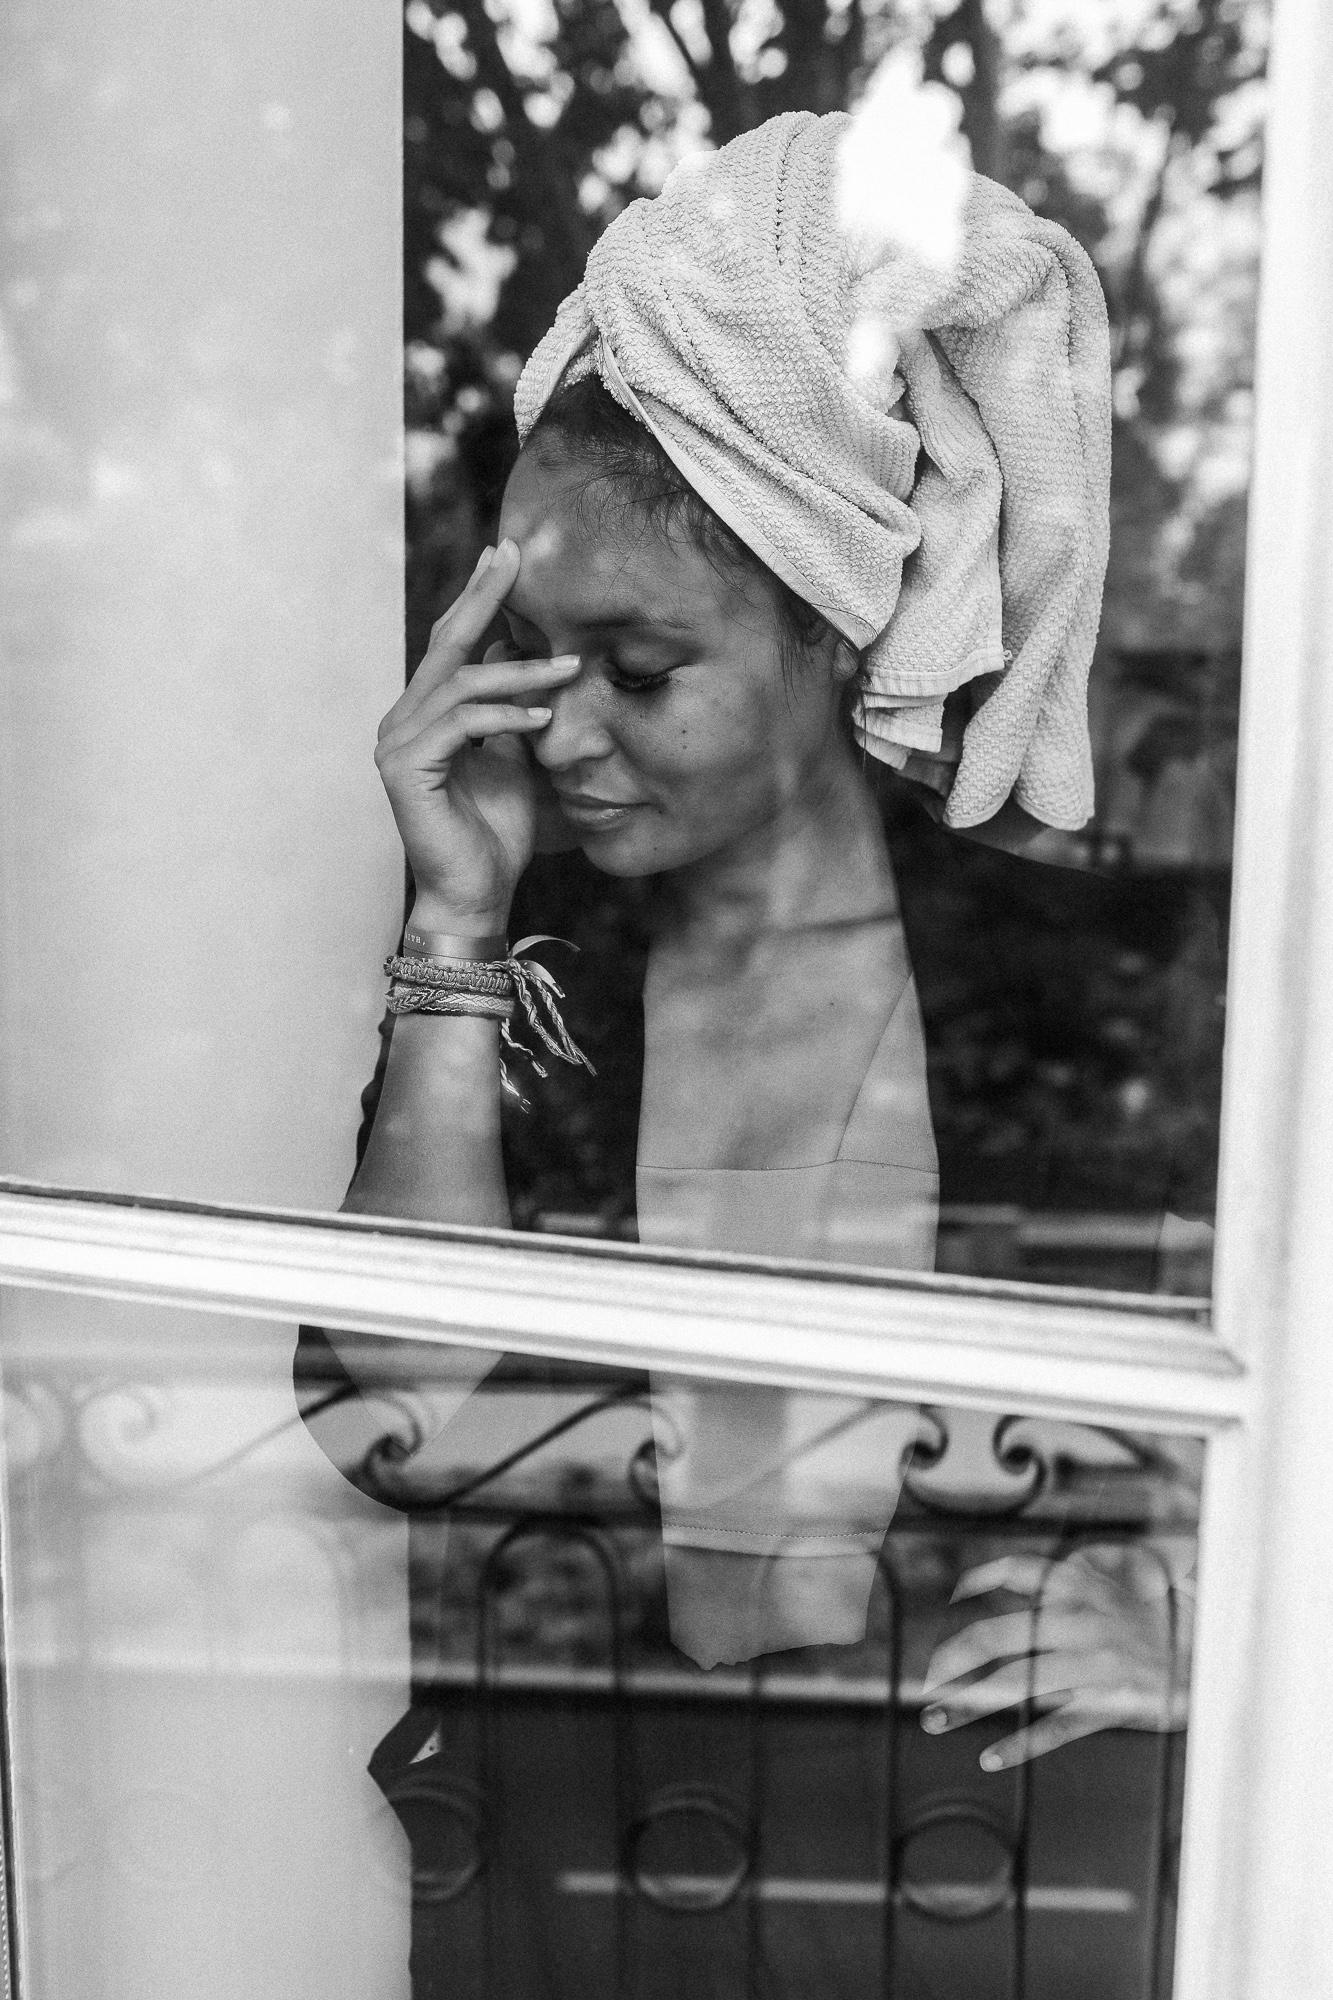 PHOTOGRAPHE PORTRAIT ACTEUR CHANTEUR CELEBRITE LYON PARIS FRANCE-33